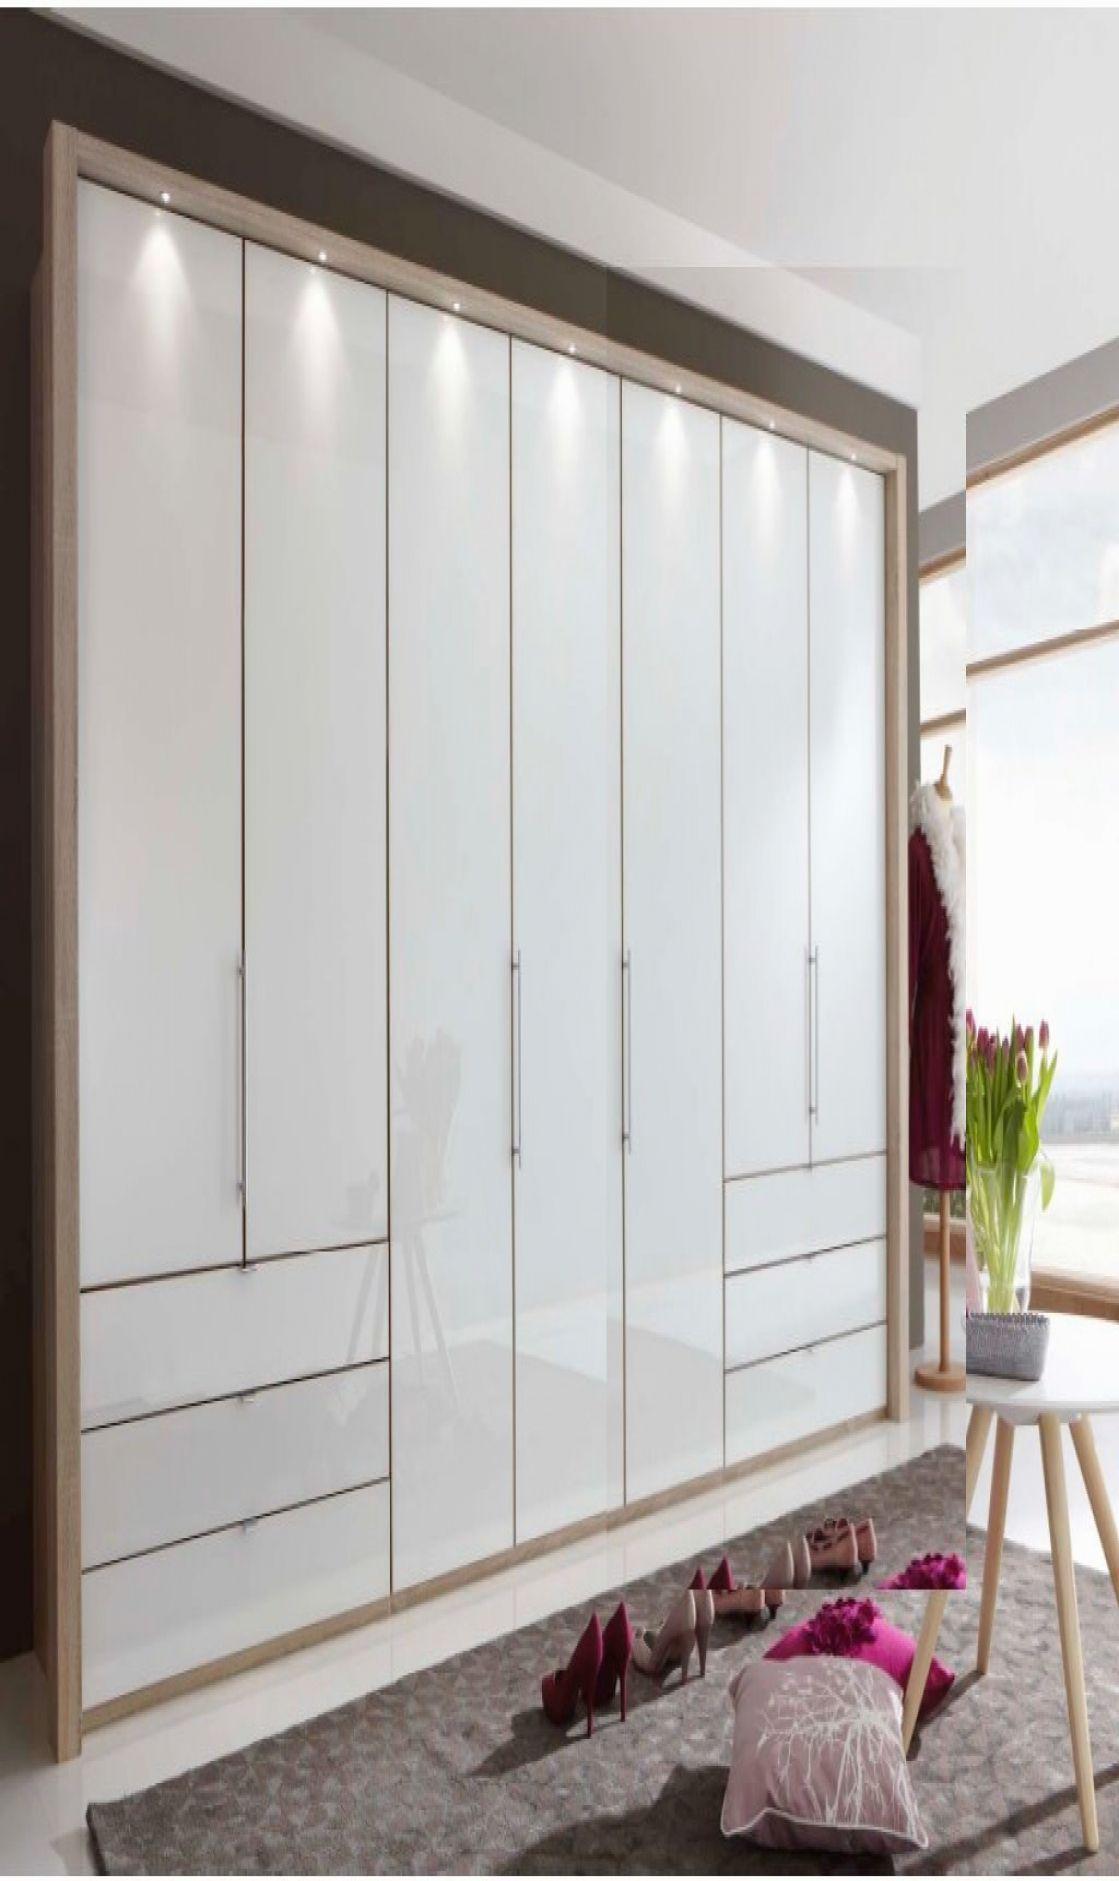 Kleiderschrank 300 Cm   Decoration Ideen